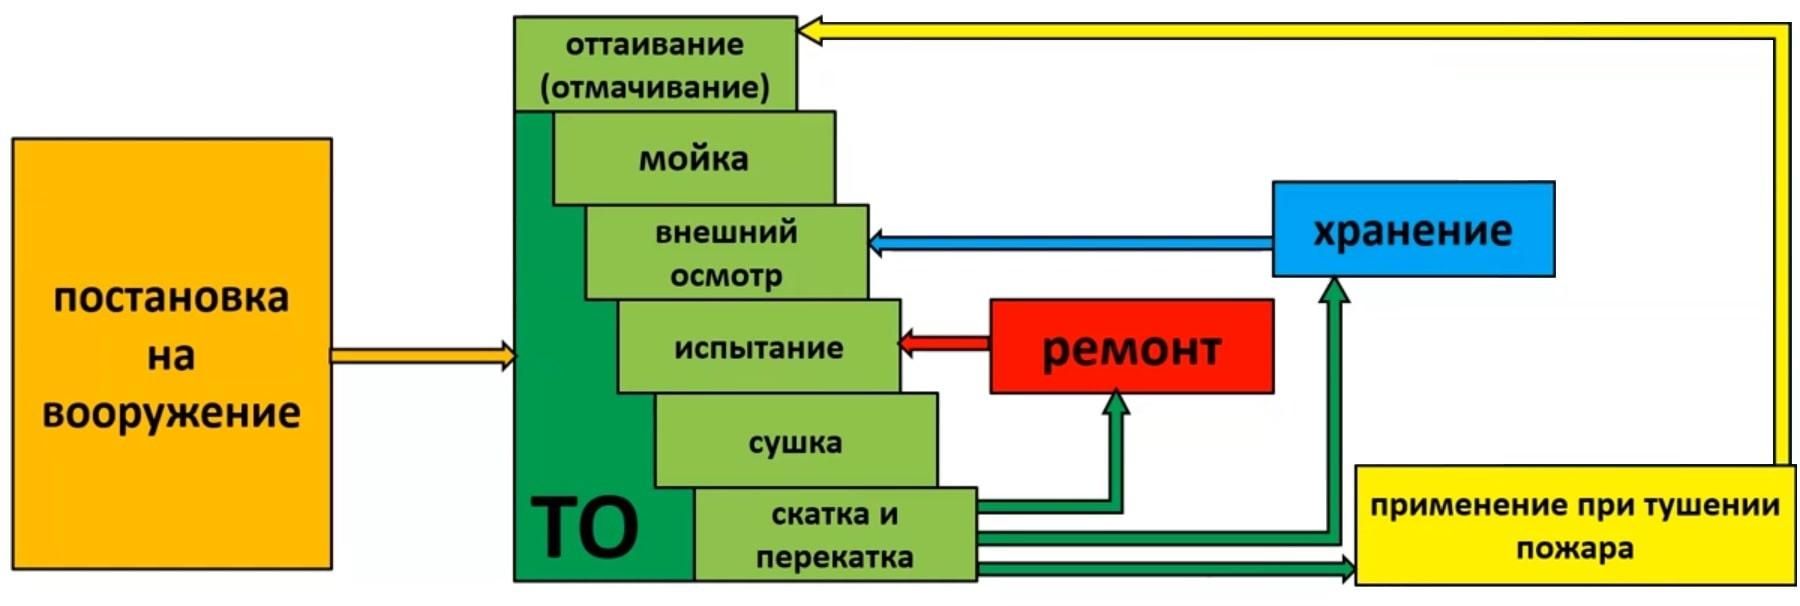 Схема эксплуатации рукавов пожарных